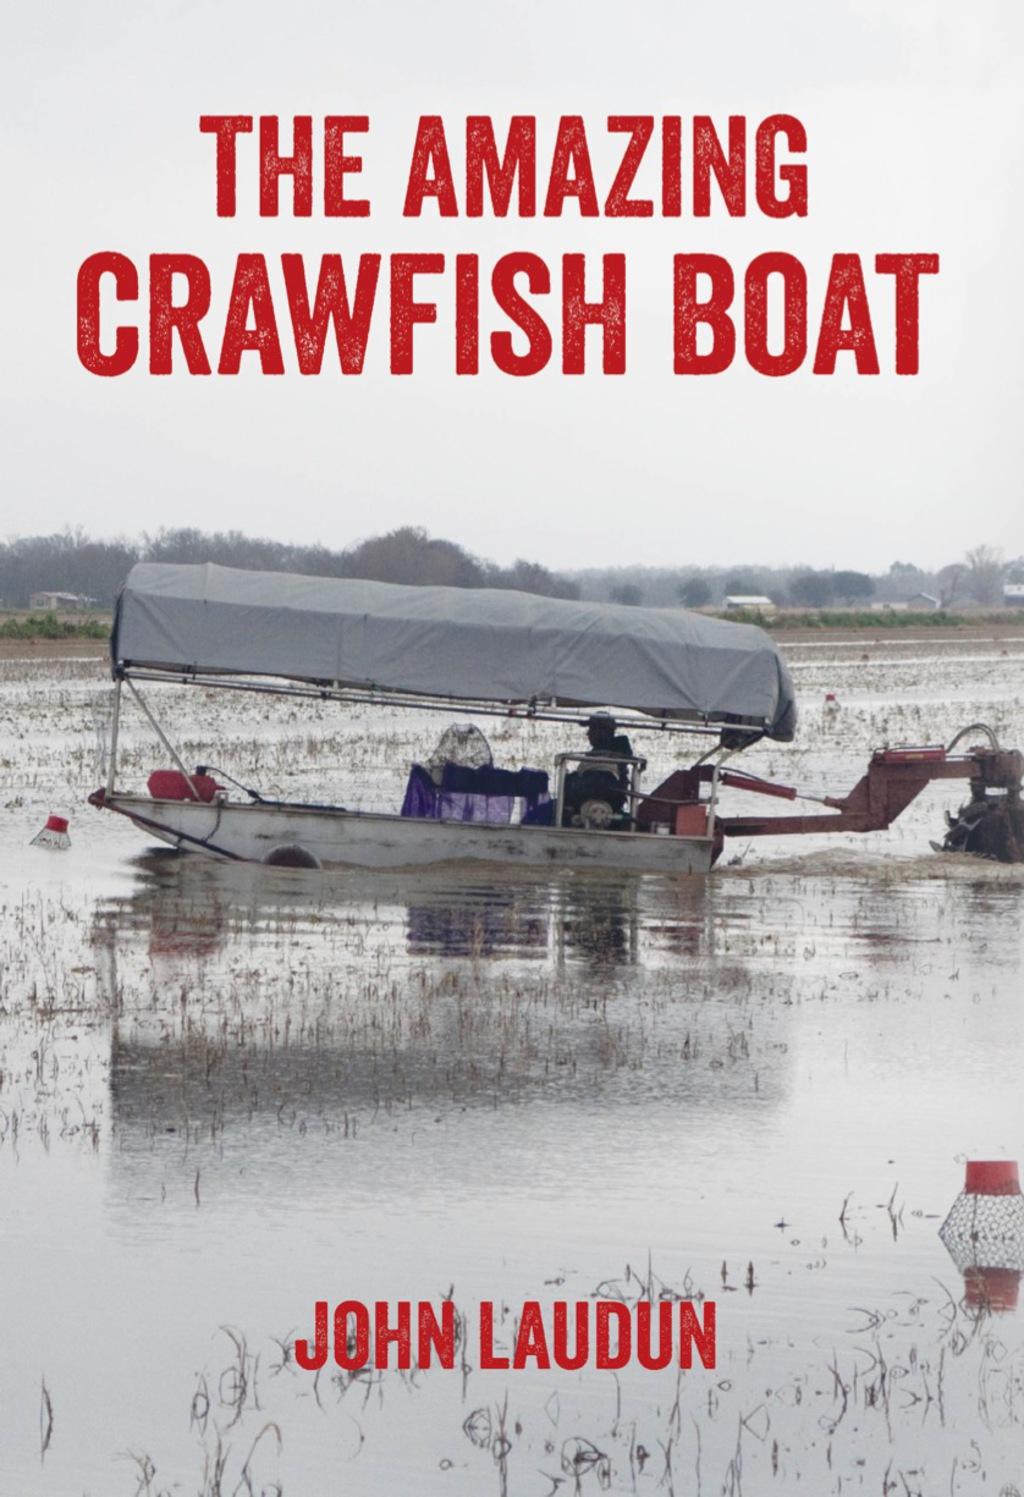 The Amazing Crawfish Boat (eBook)